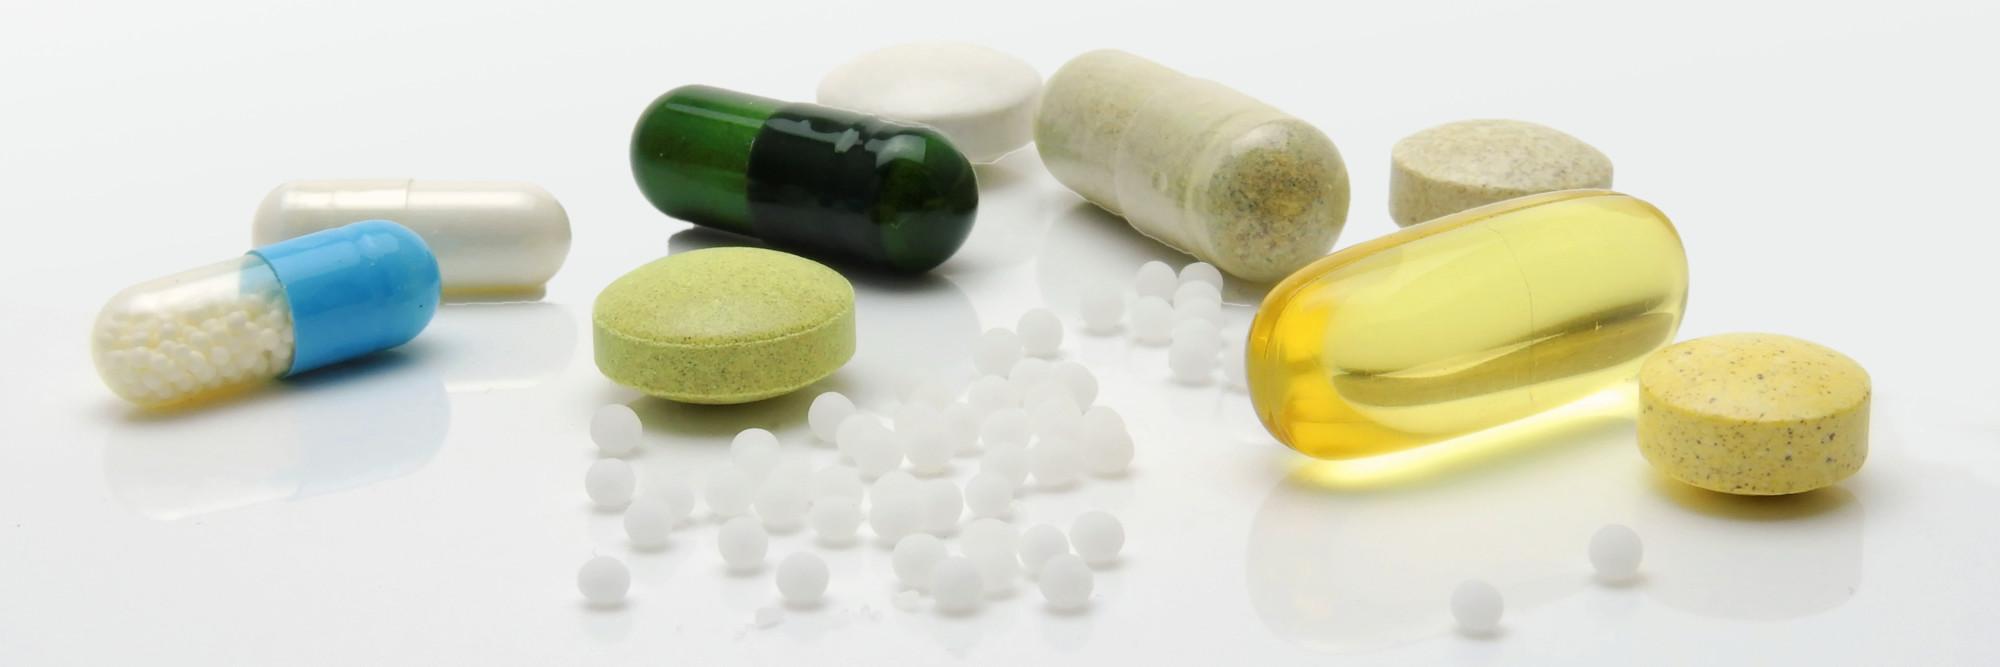 Verschiedene Tabletten liegen auf einer glänzenden Fläche.